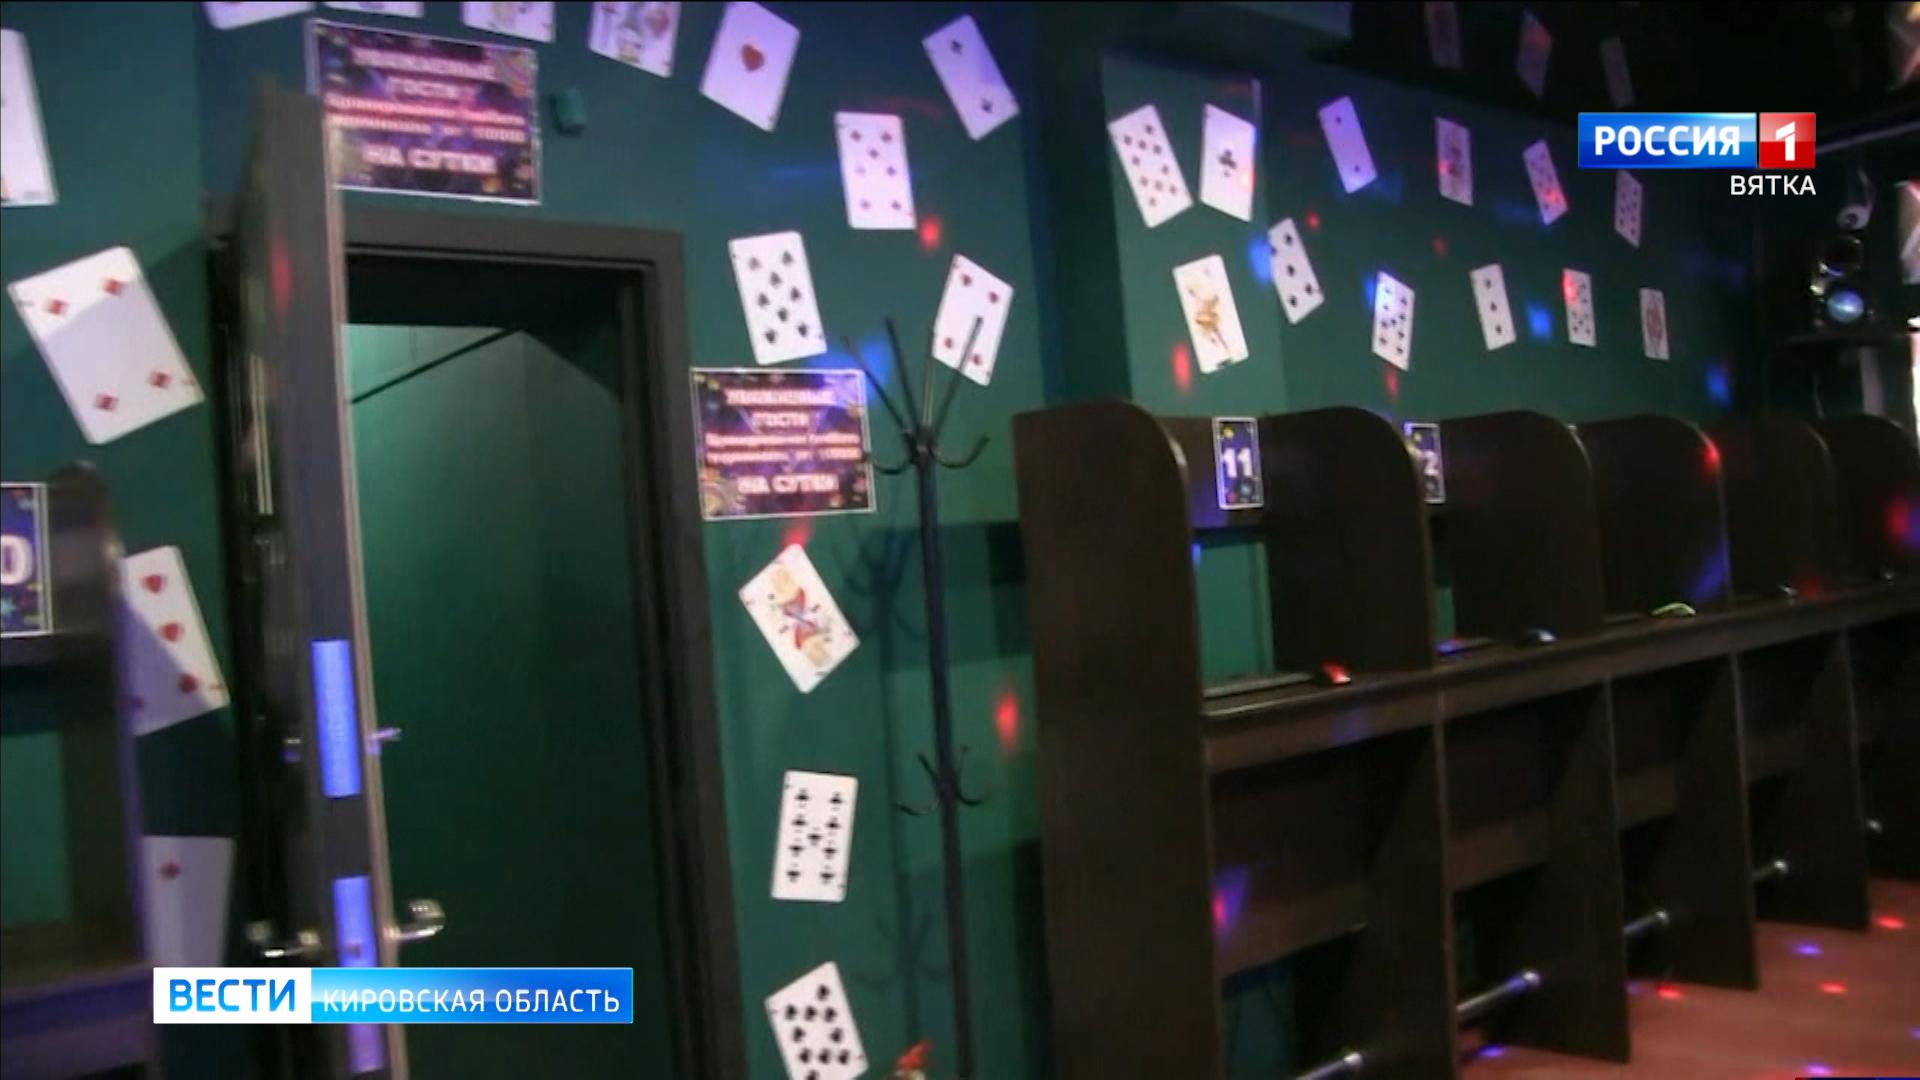 В Кирове полицейские пресекли деятельность еще одного незаконного игрового клуба